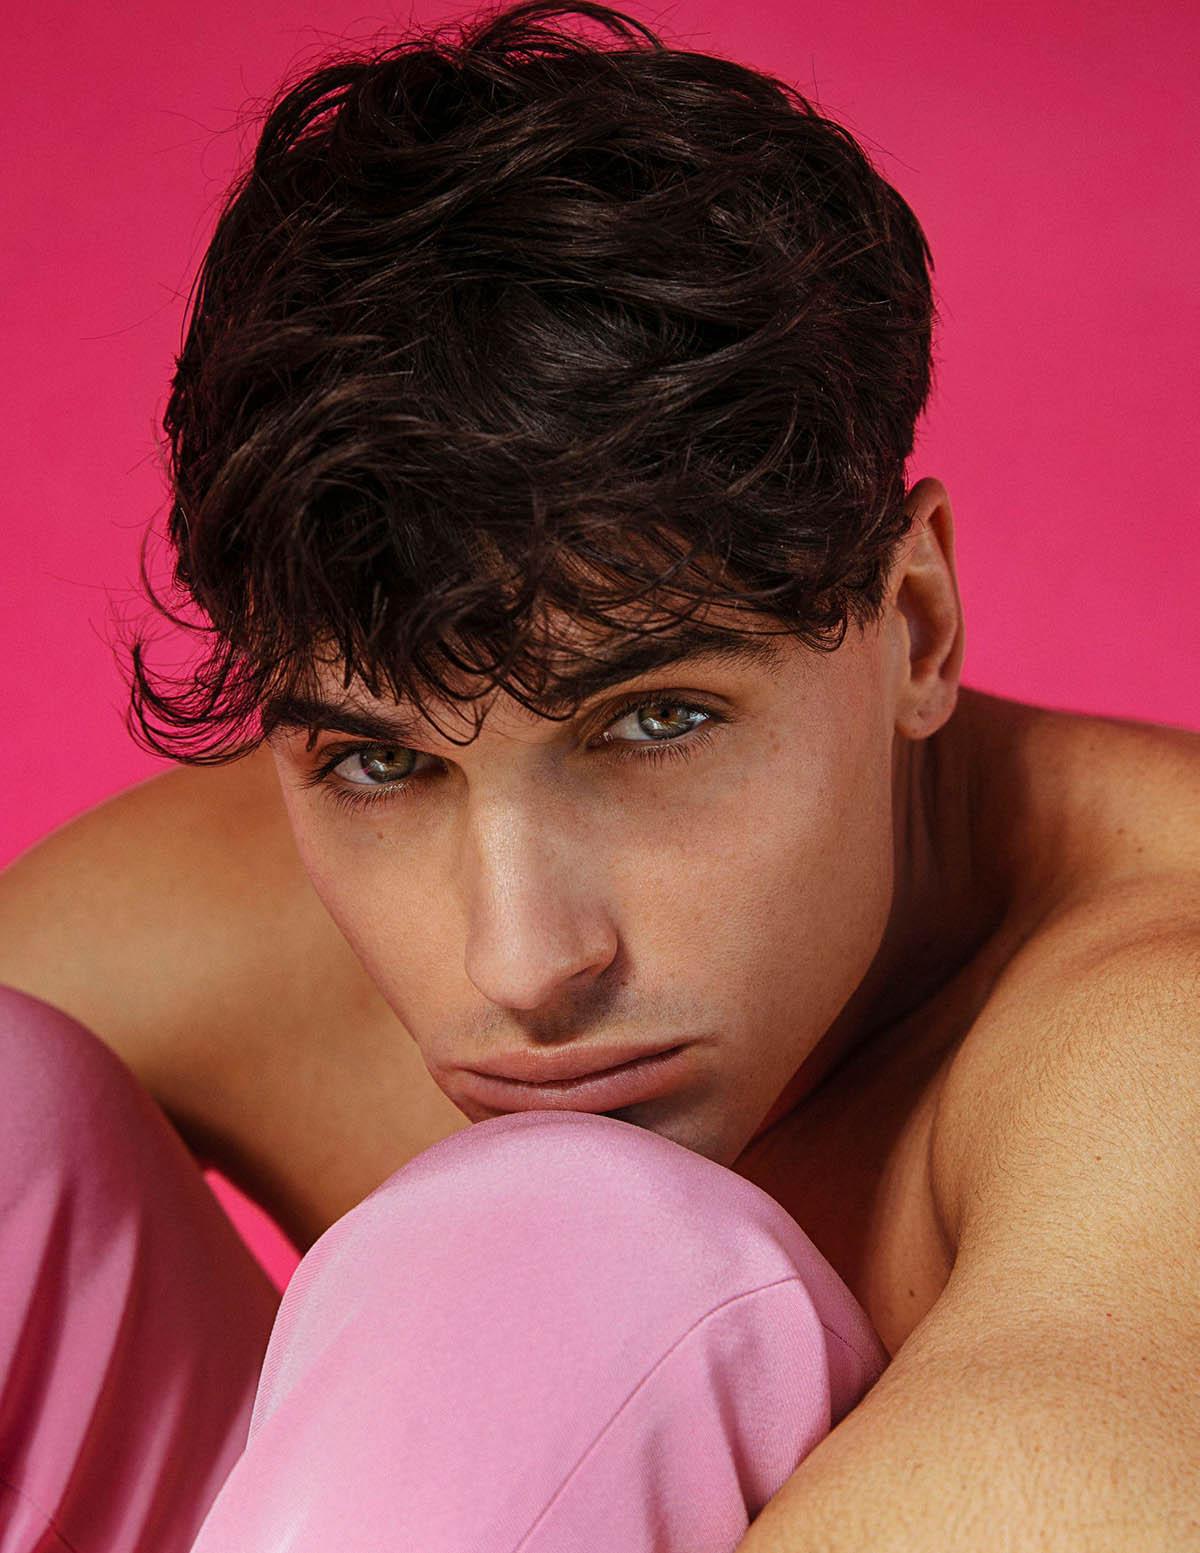 Daniel Illescas covers Man of Metropolis April 2021 by Alejandro Brito